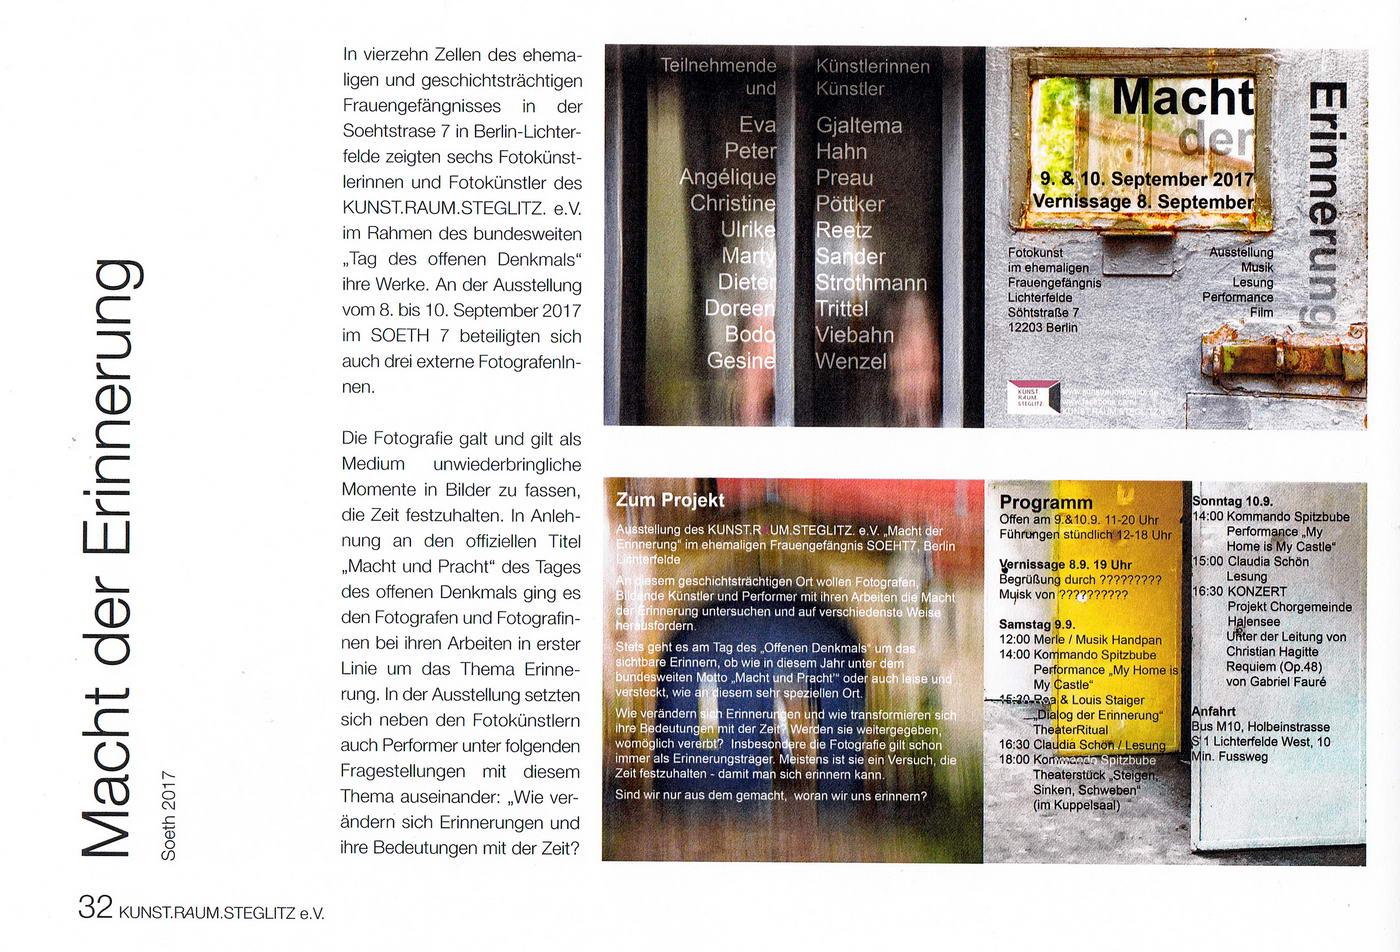 KSR Buch 5 Jahre Peter Hahn 5 konv